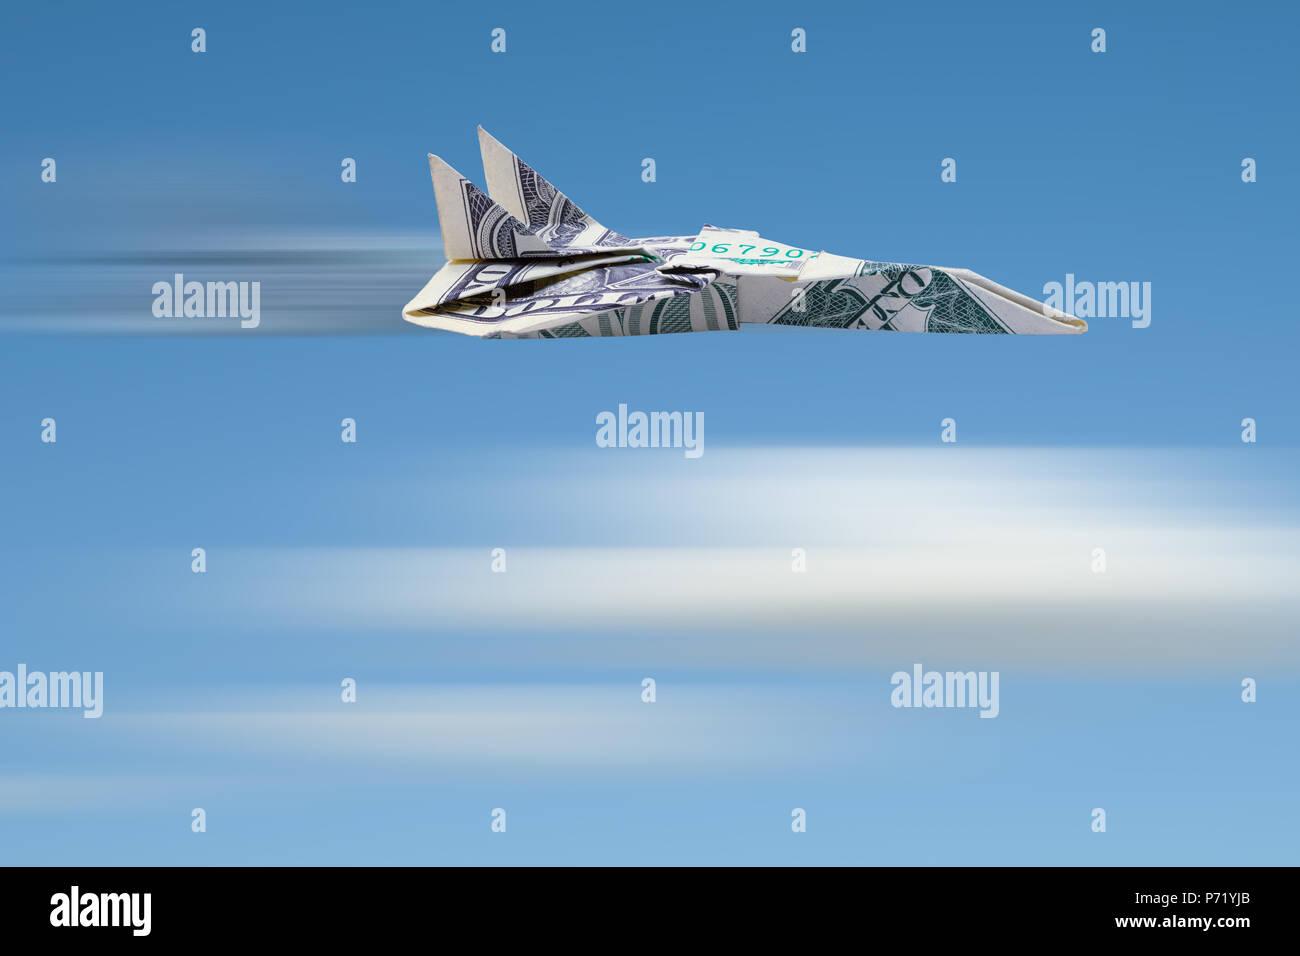 Dollar jet in volo aereo veloce nel cielo. Immagini Stock